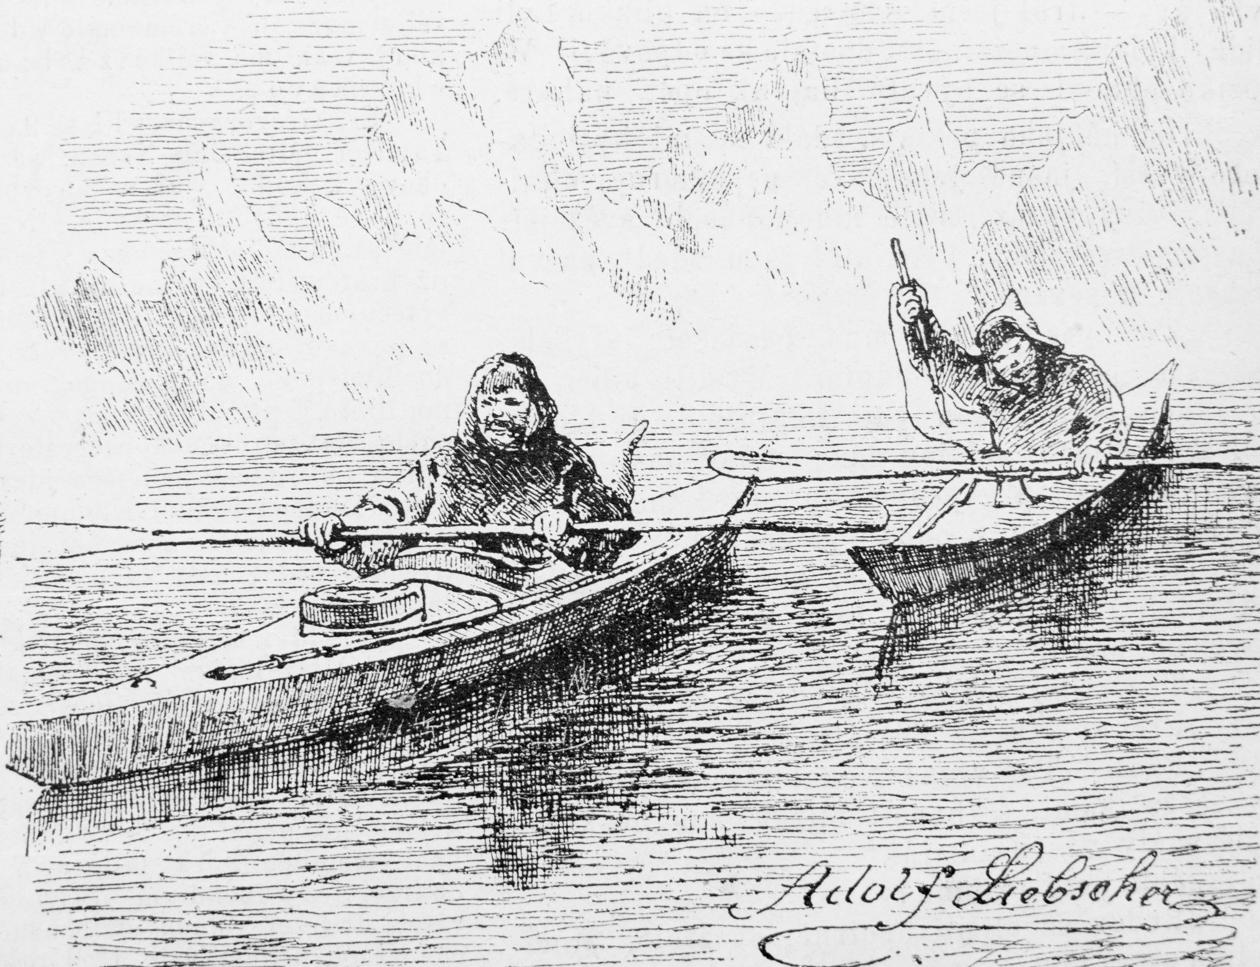 Abraham Ulrikab and friend Tobias kayaking, Labrador